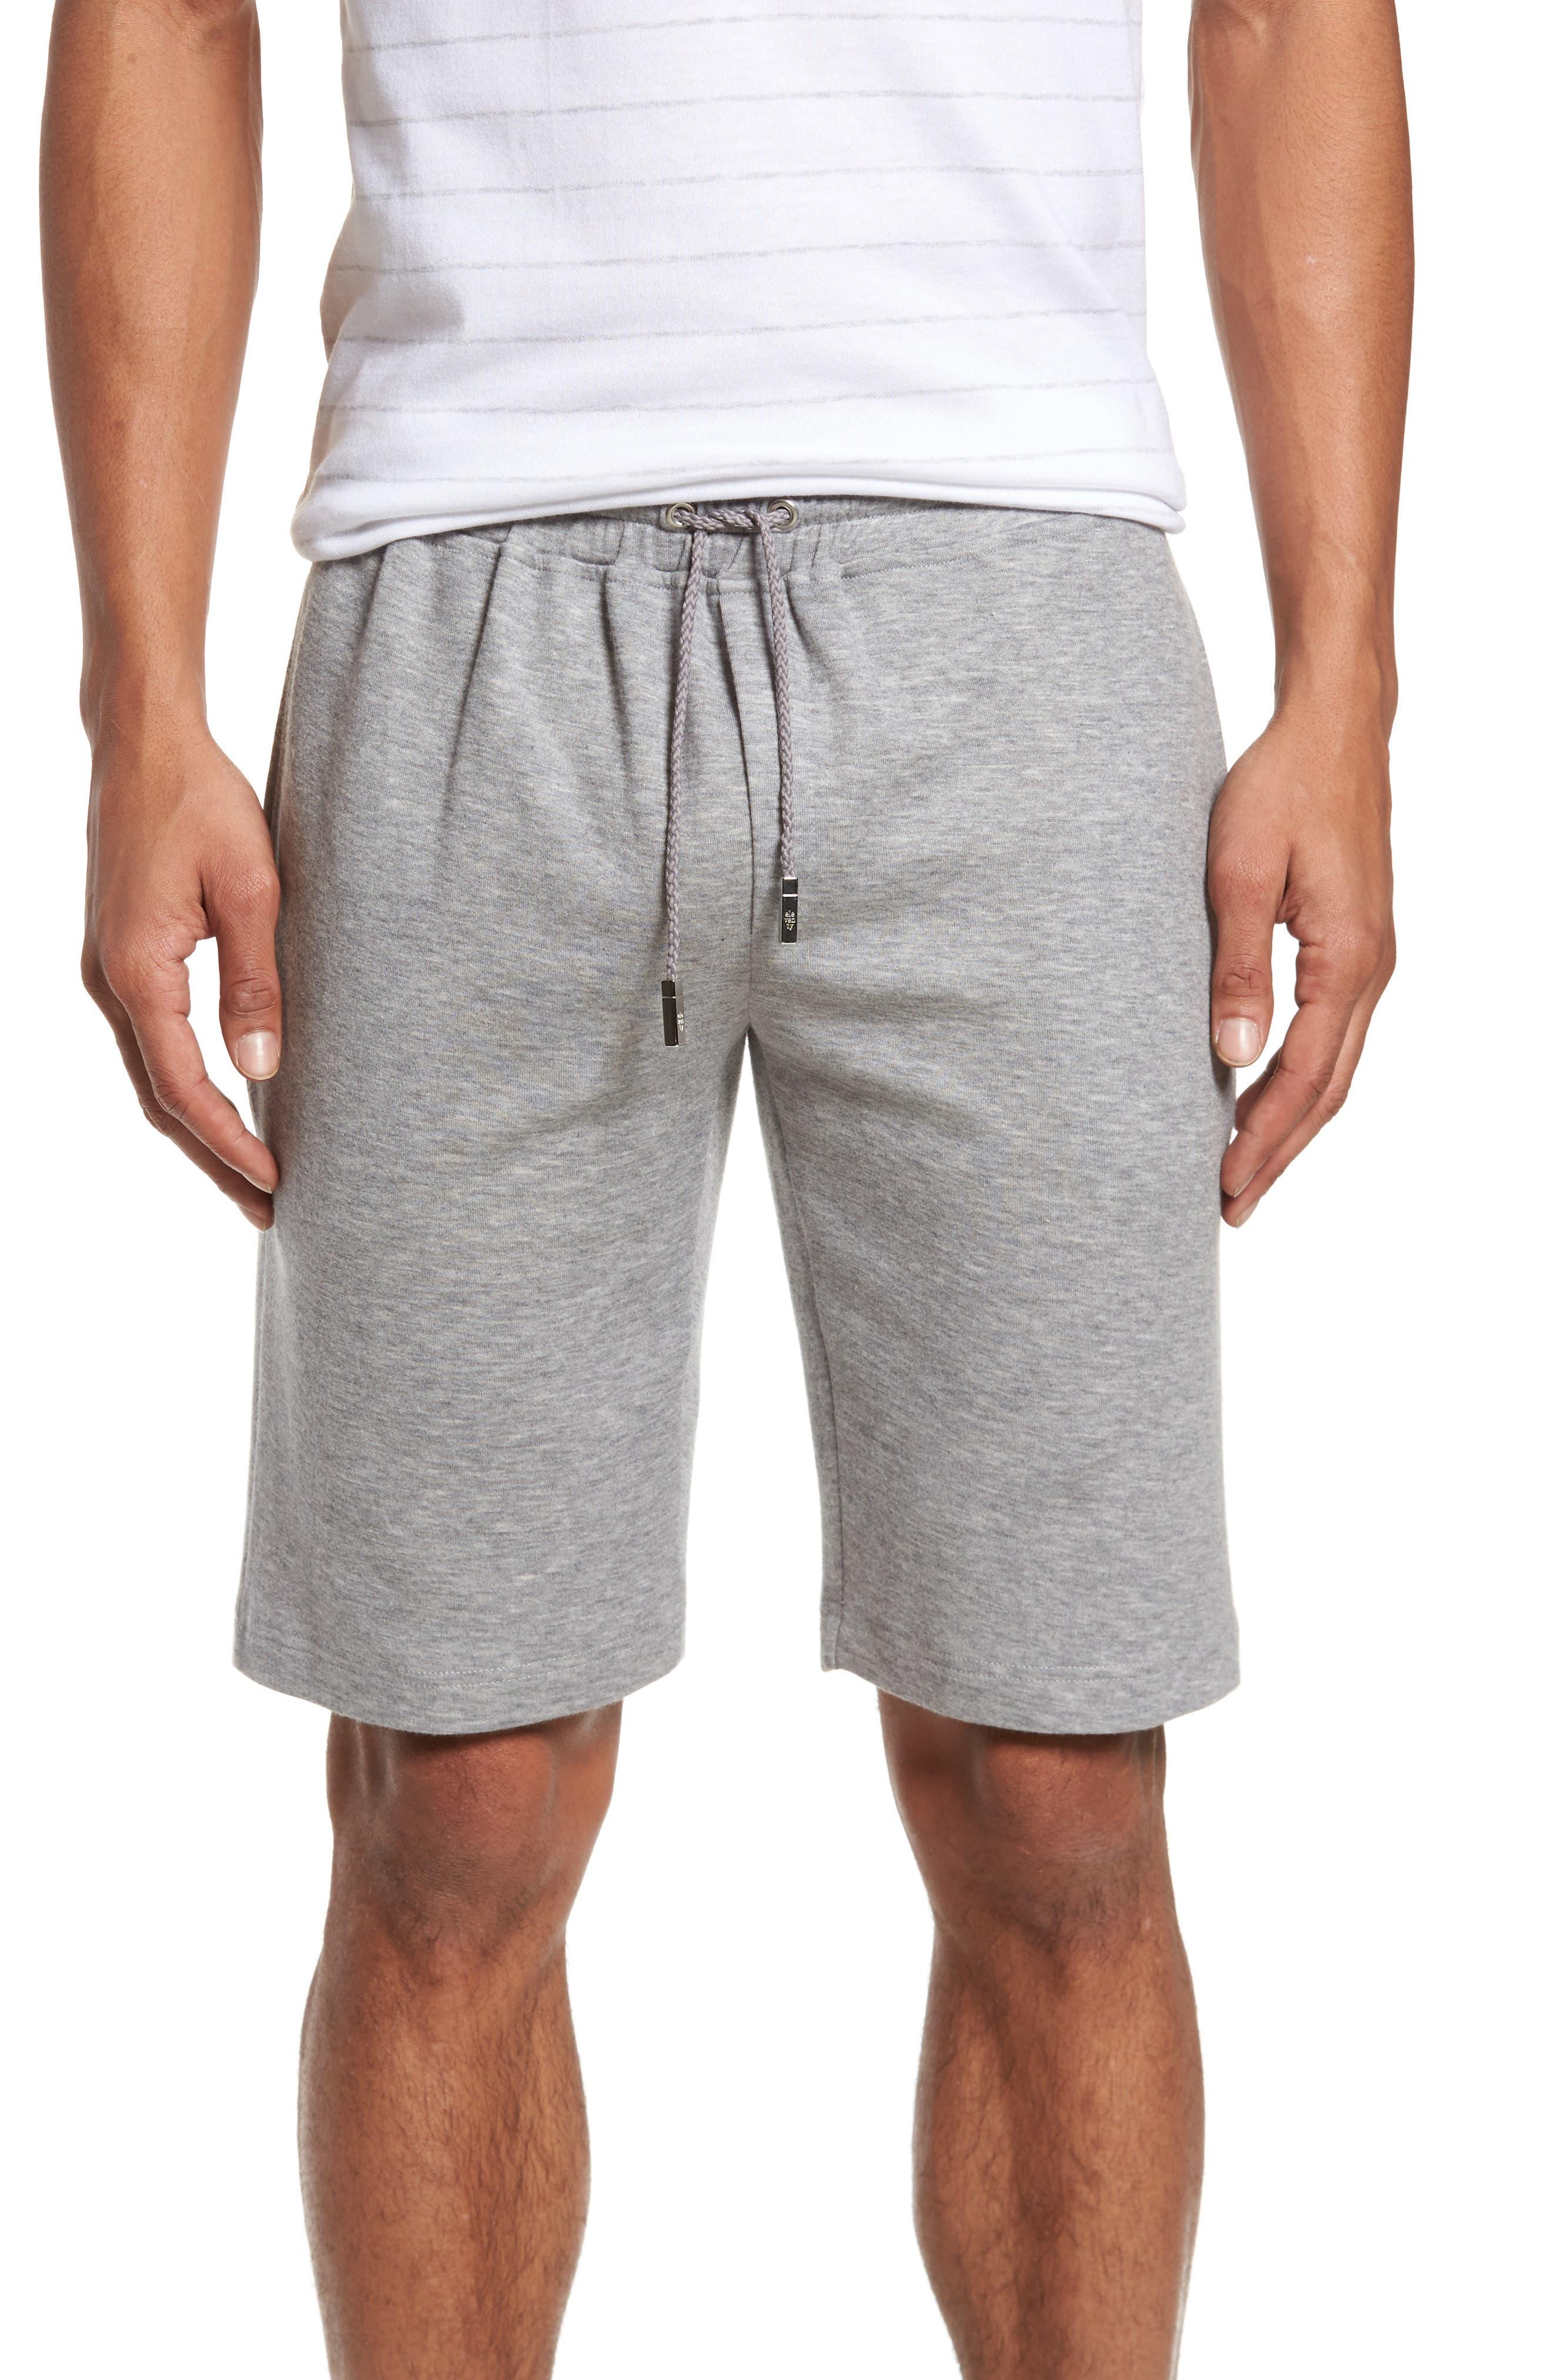 Drawstring Knit Shorts,                             Main thumbnail 1, color,                             Light Grey